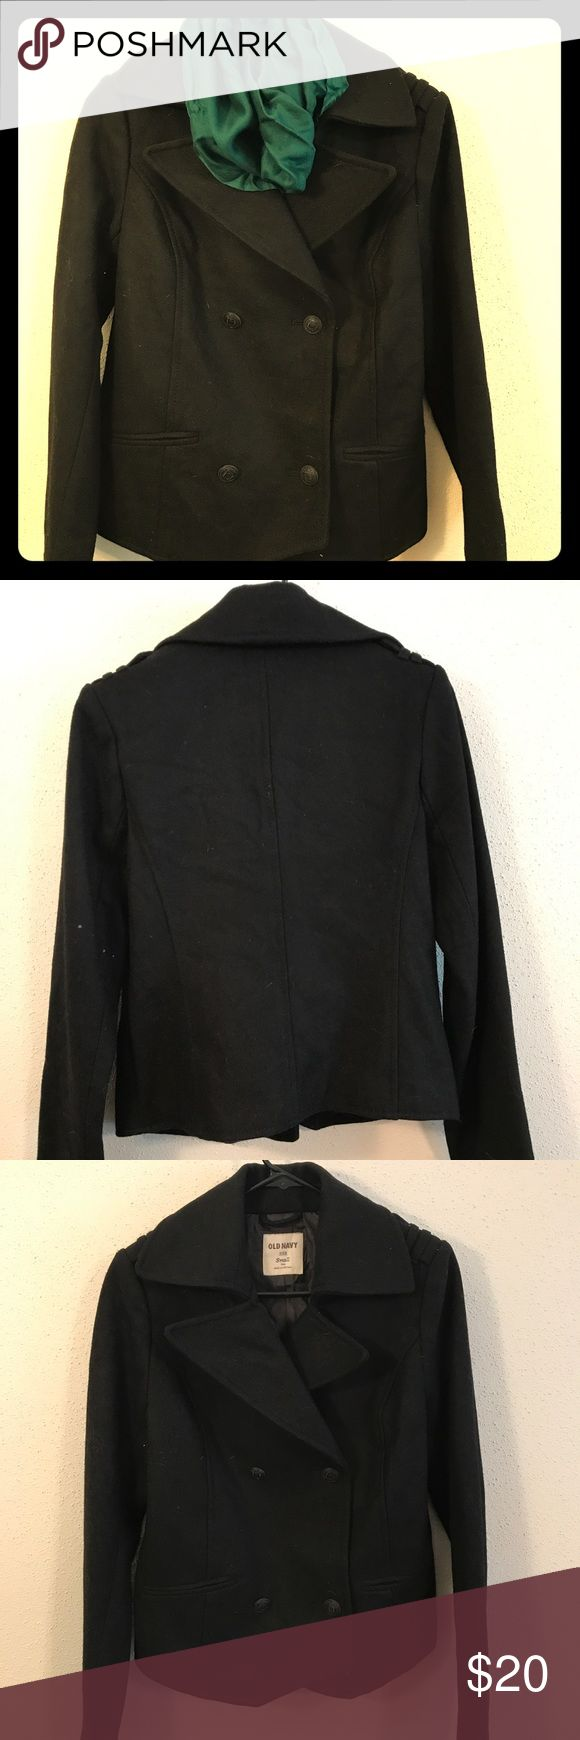 Black pea coat Black pea coat Old Navy Jackets & Coats Pea Coats